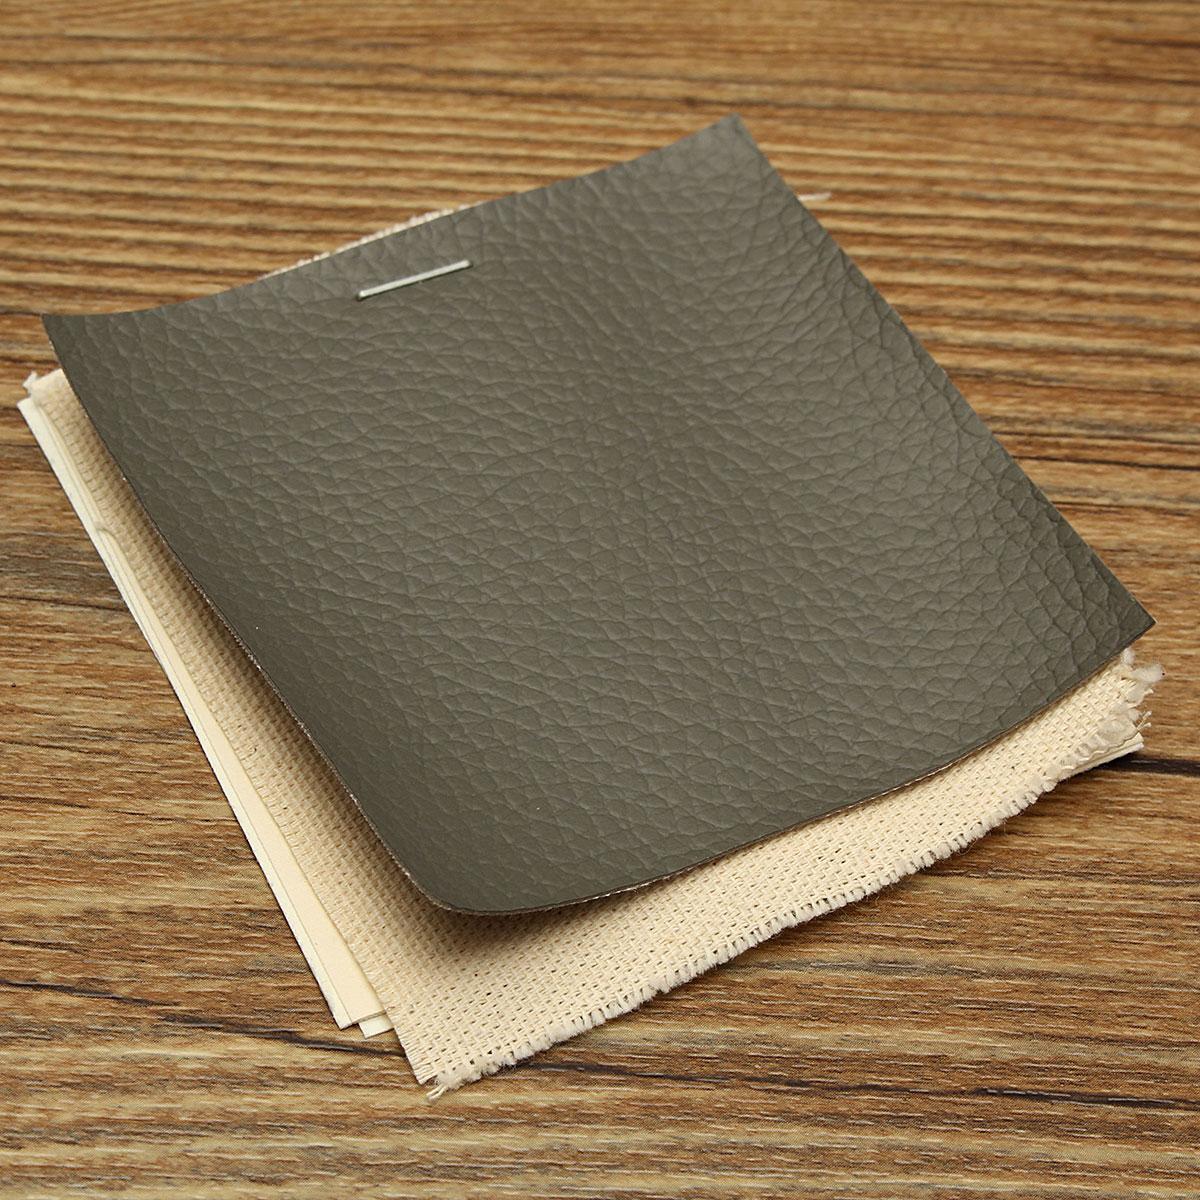 kit cuir vinyle trousse r paration r parer d chirures trous voiture bateau si ge achat vente. Black Bedroom Furniture Sets. Home Design Ideas